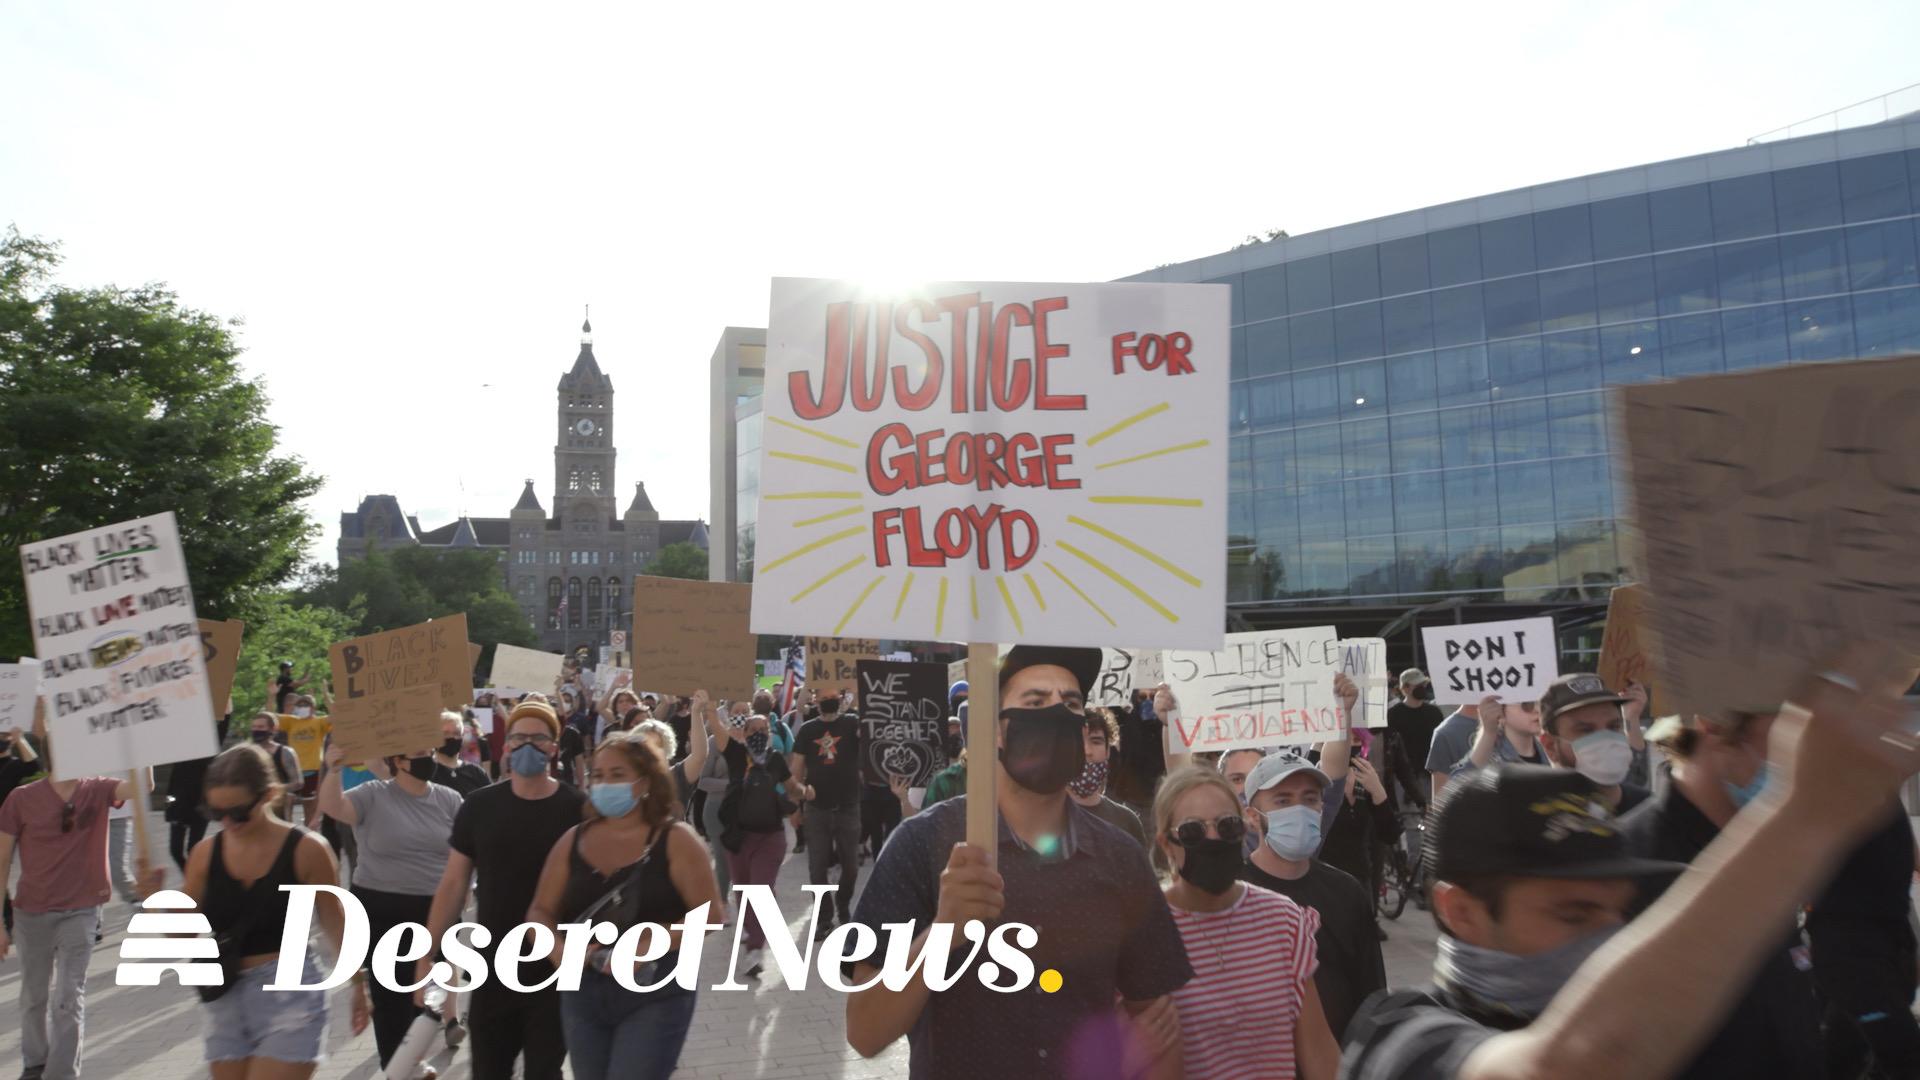 Protesters in Salt Lake City honor George Floyd